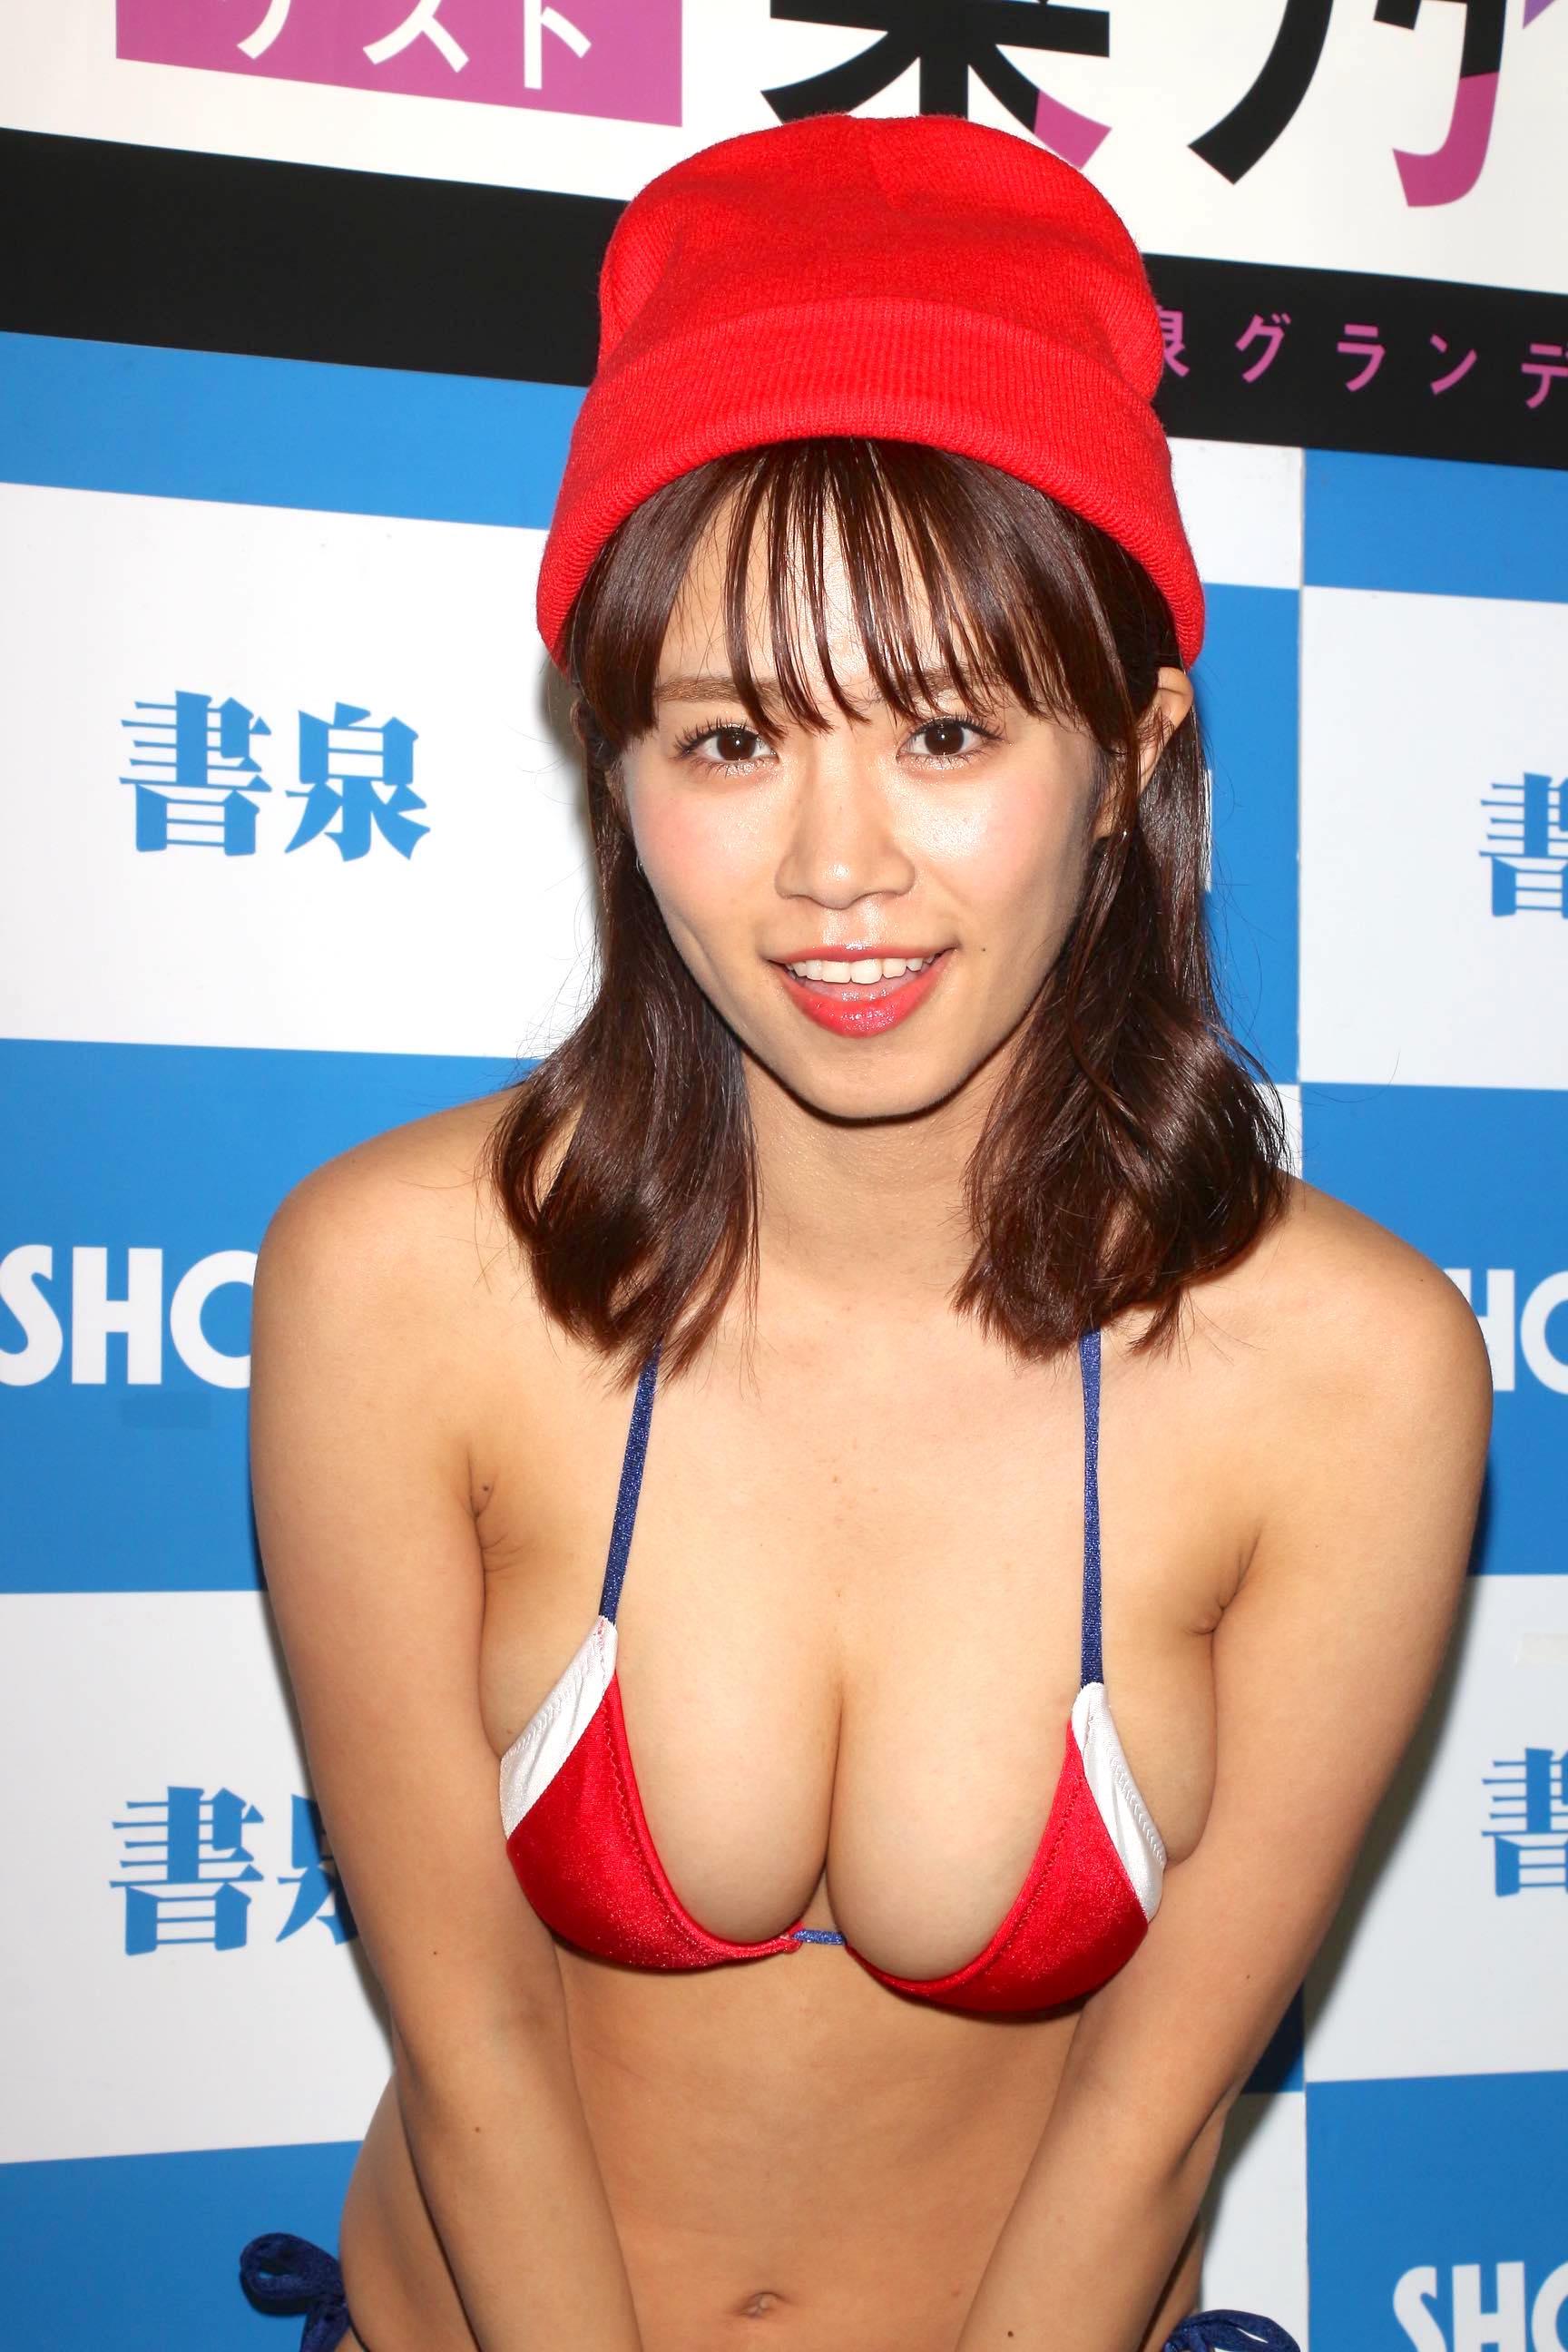 菜乃花「キス600回」を経験し、慣れてきた!?【写真18枚】の画像011